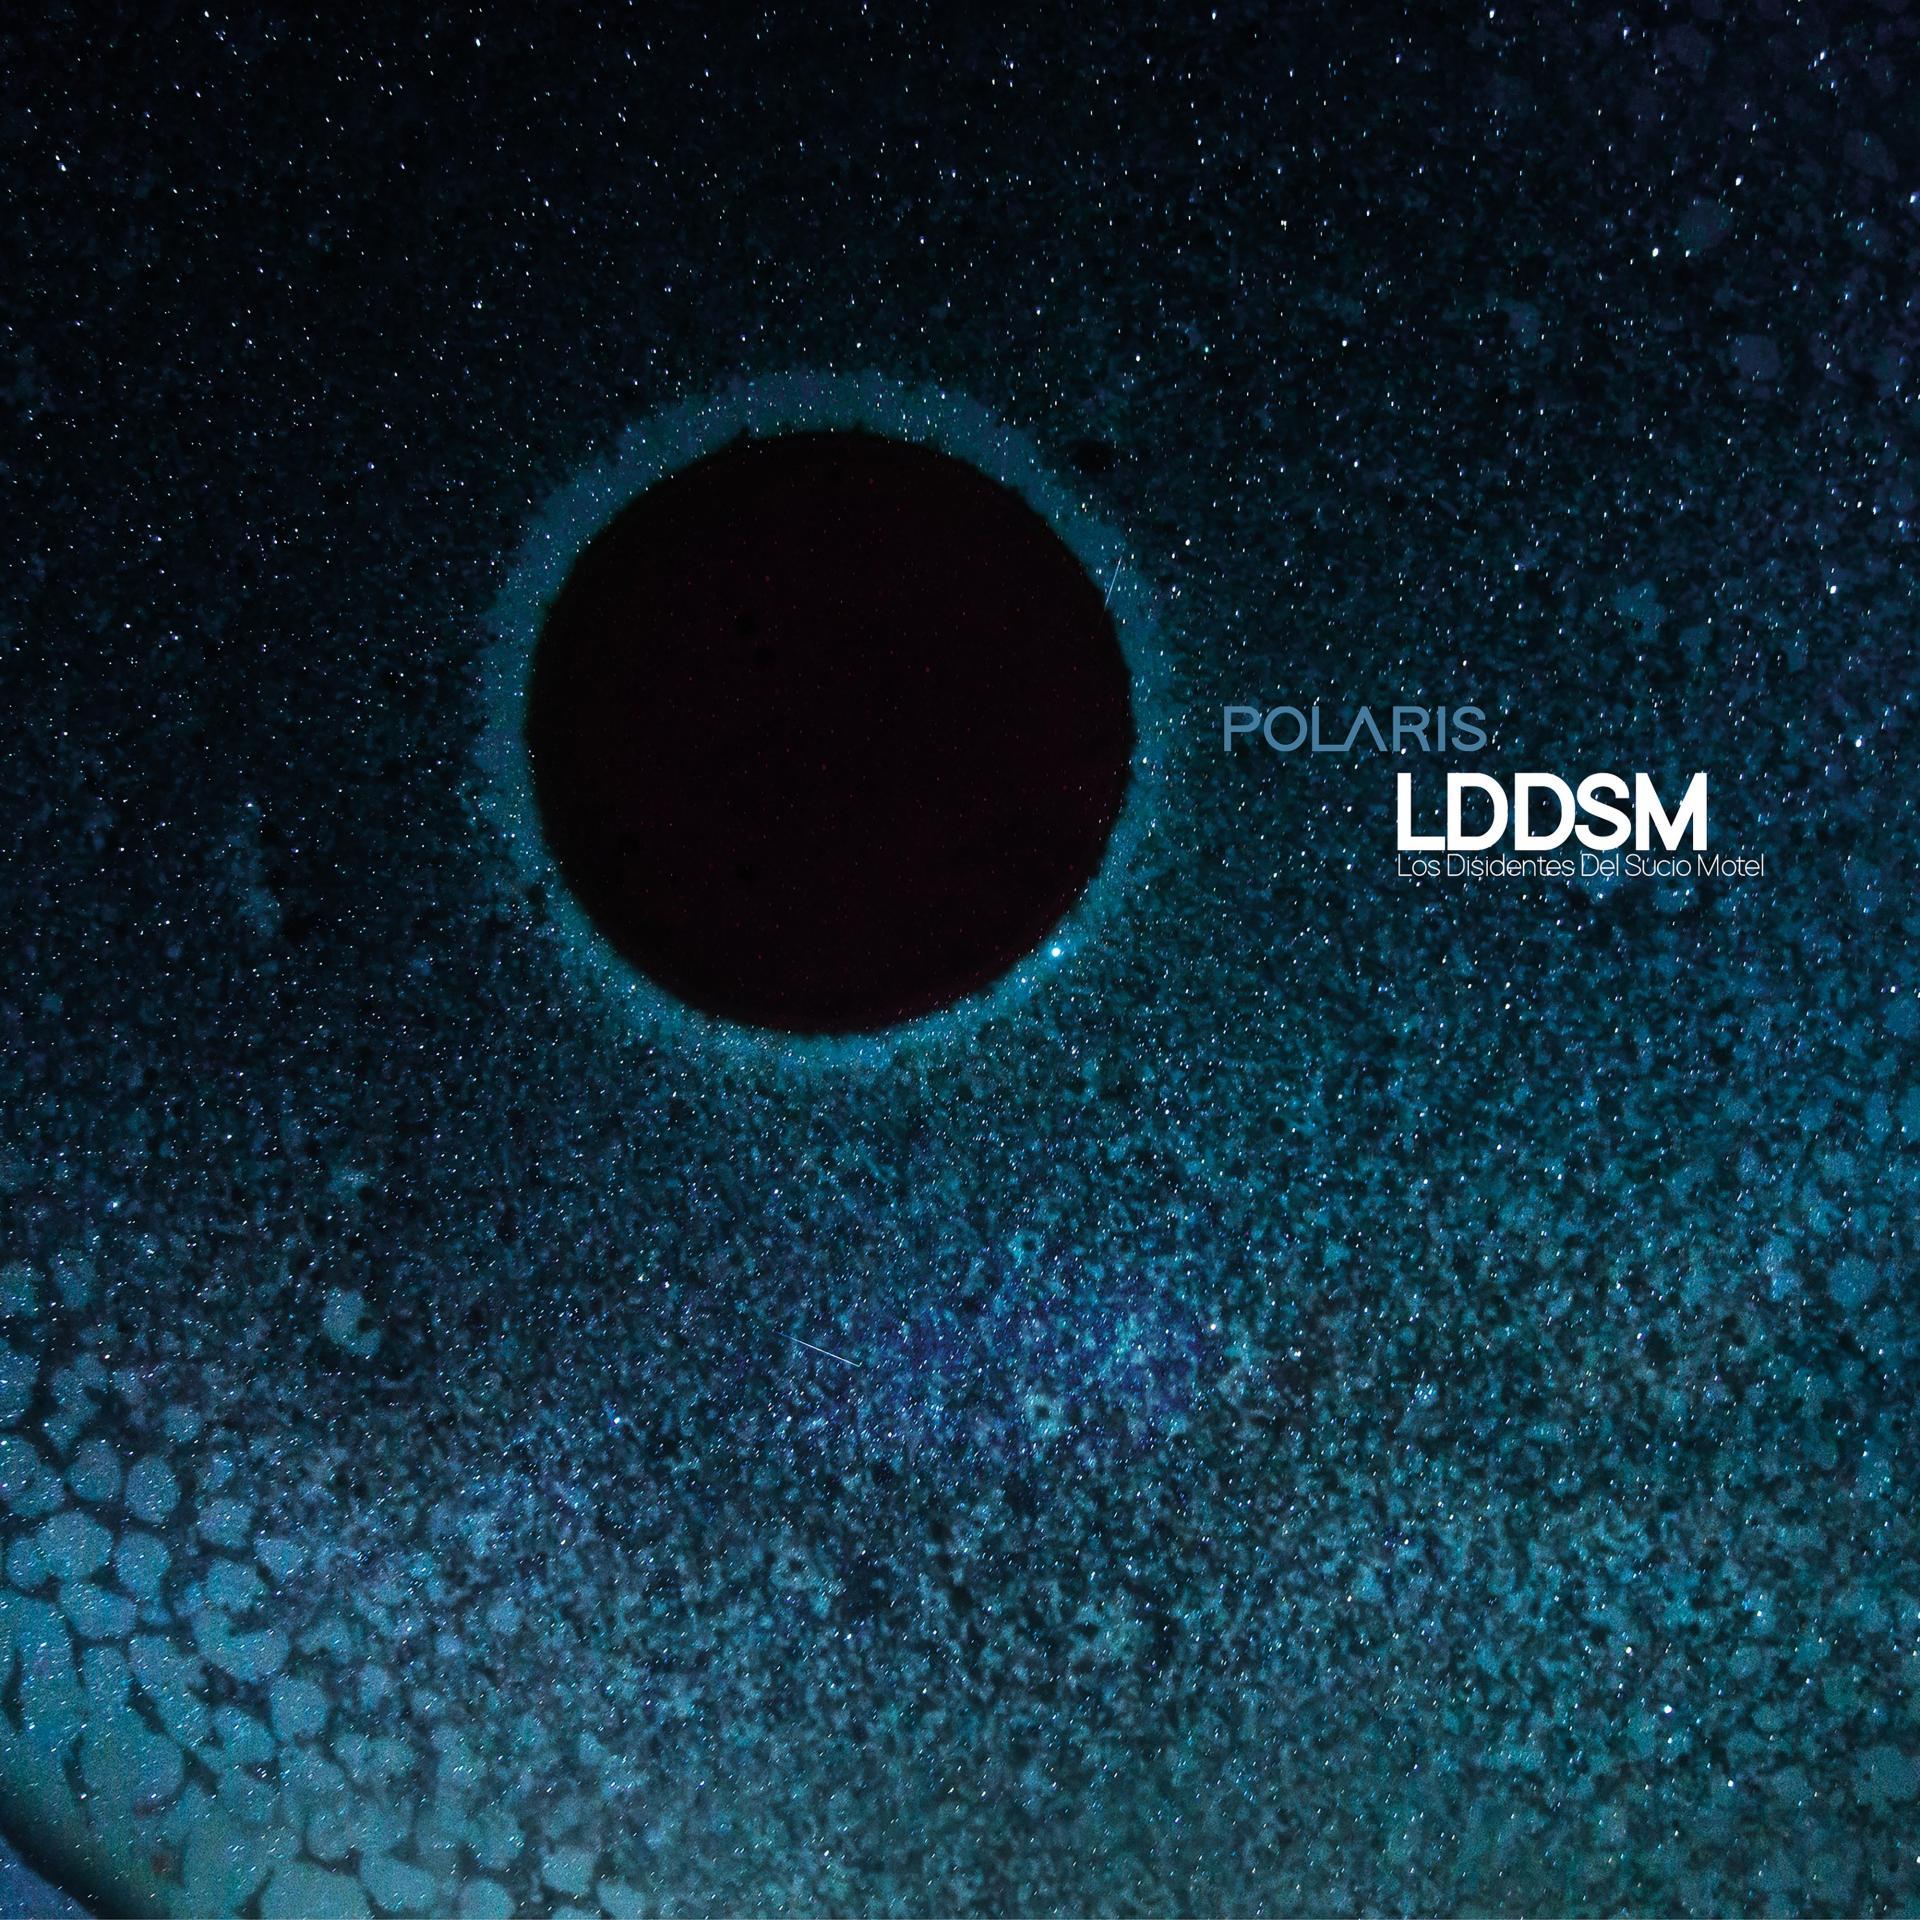 Lddsm polaris cover